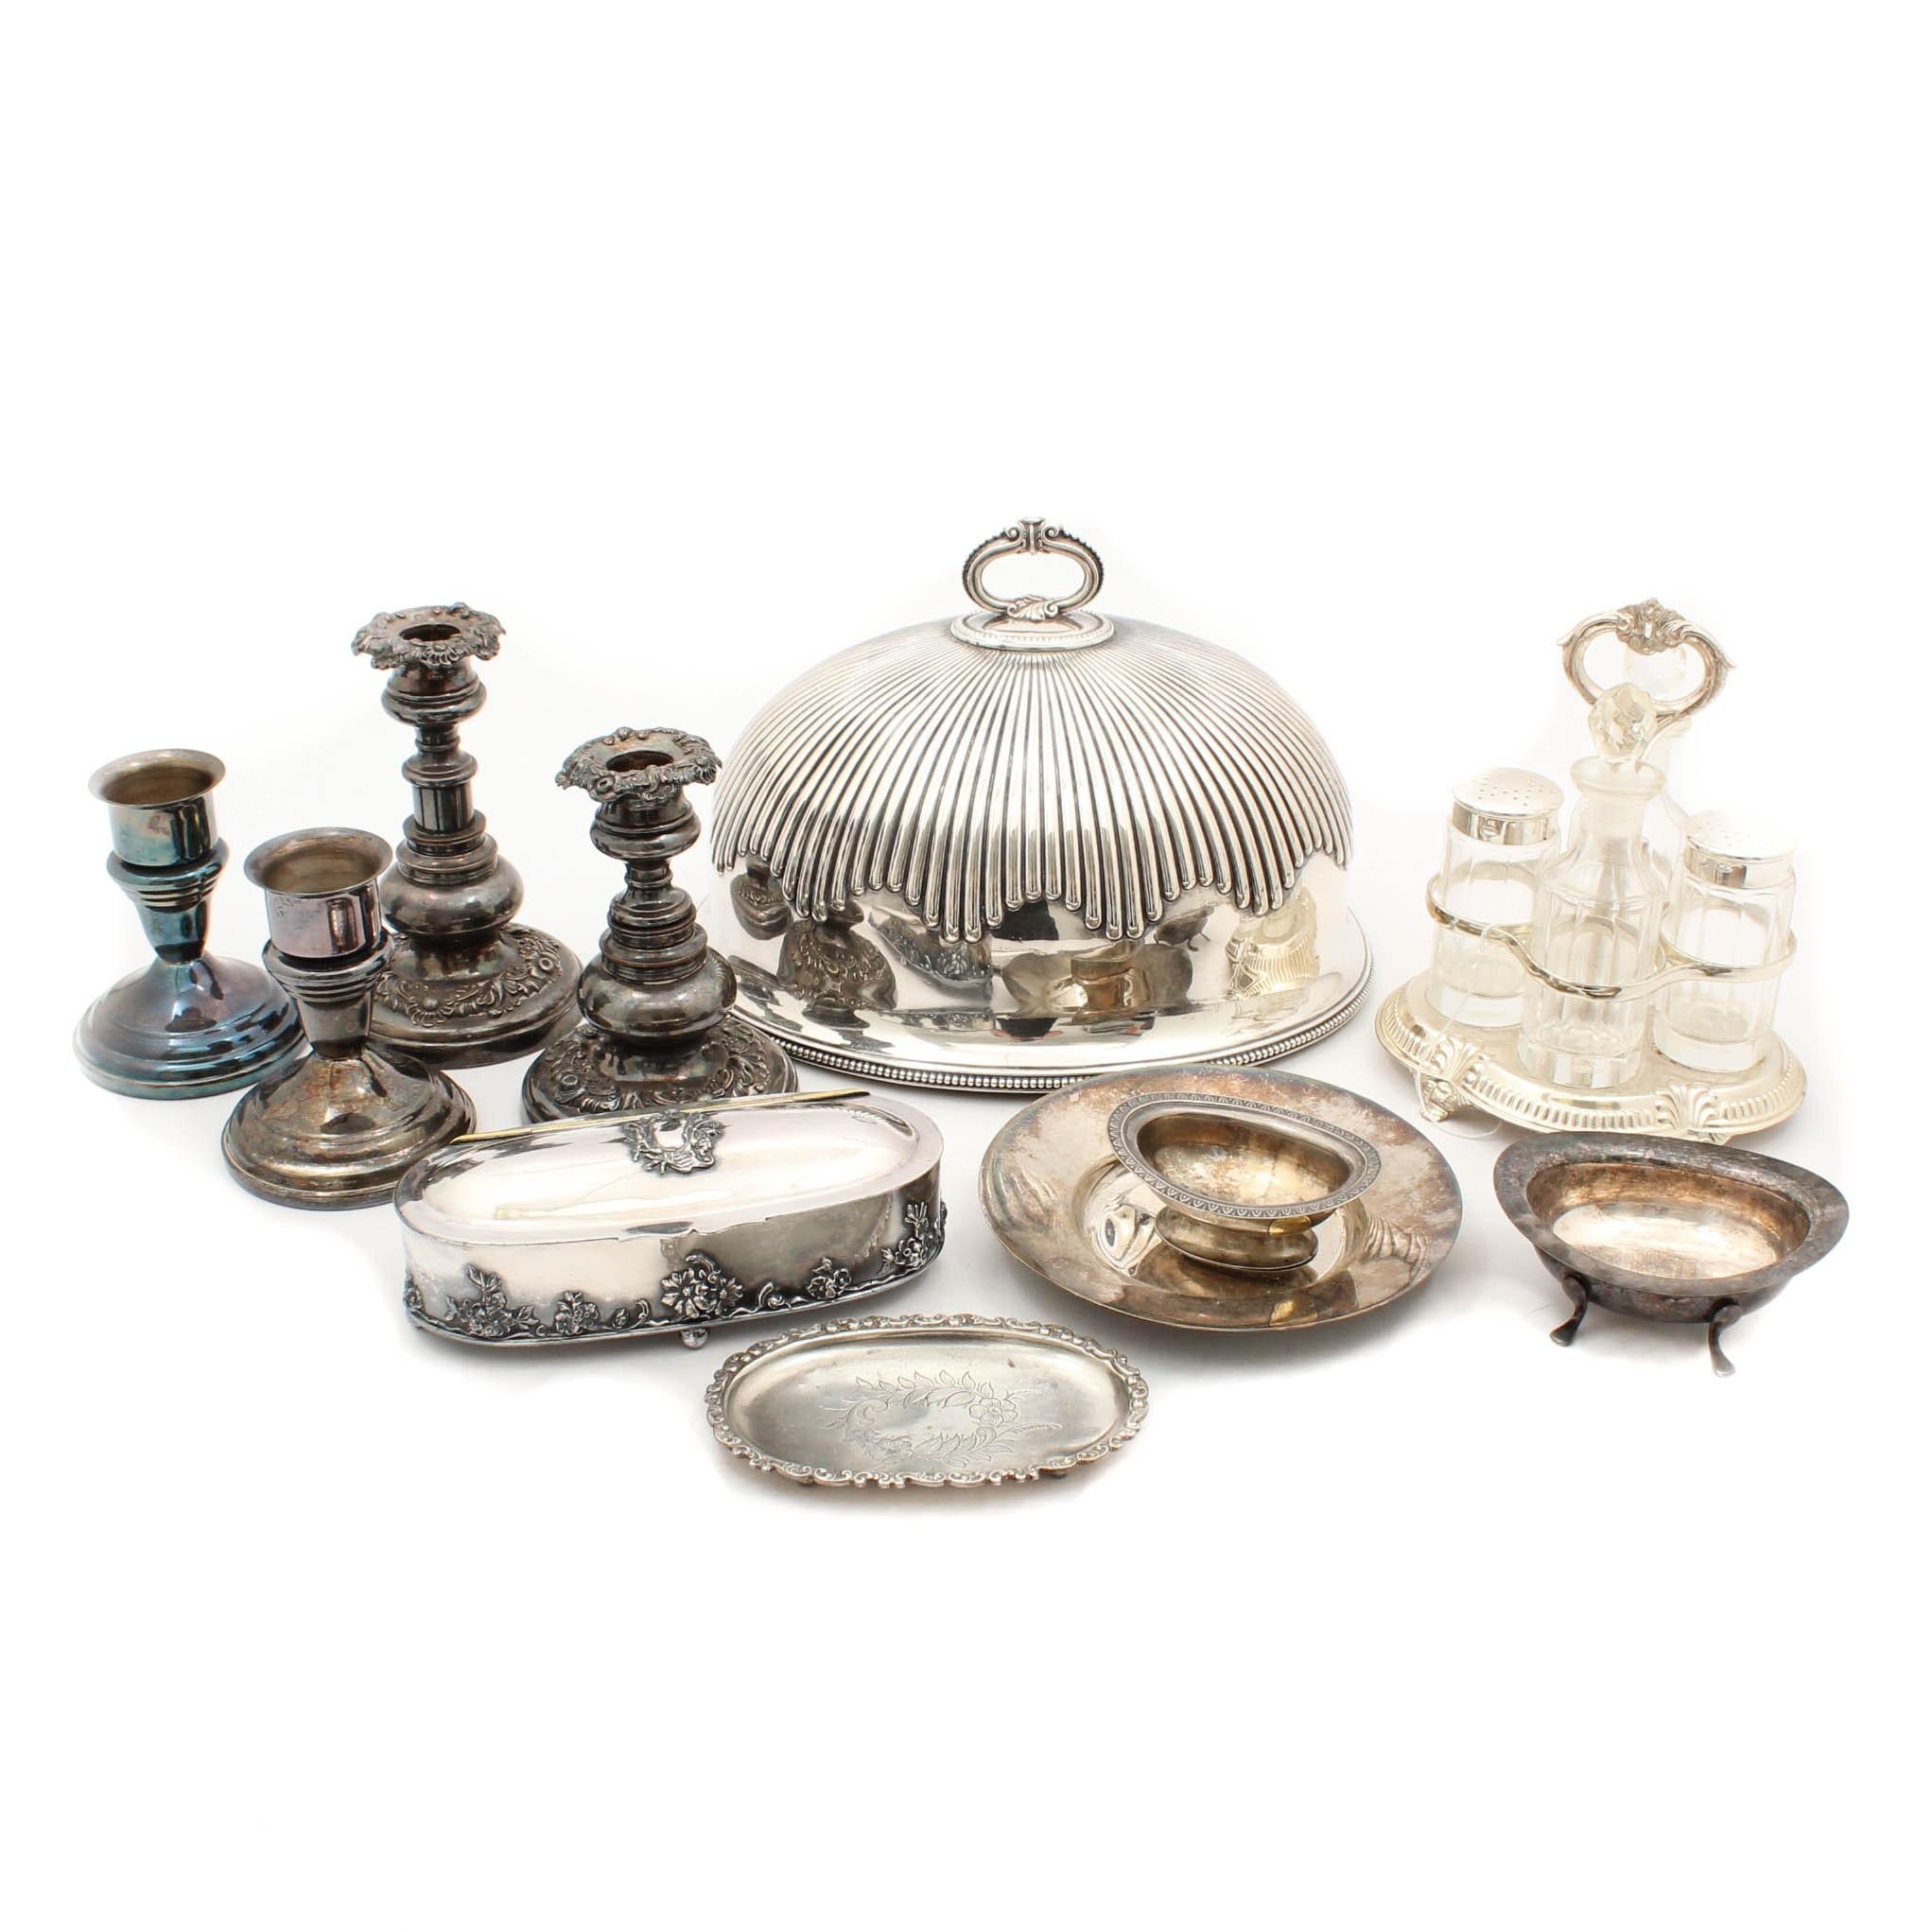 Silver Plate Cruet Set, Candlesticks and Serverware